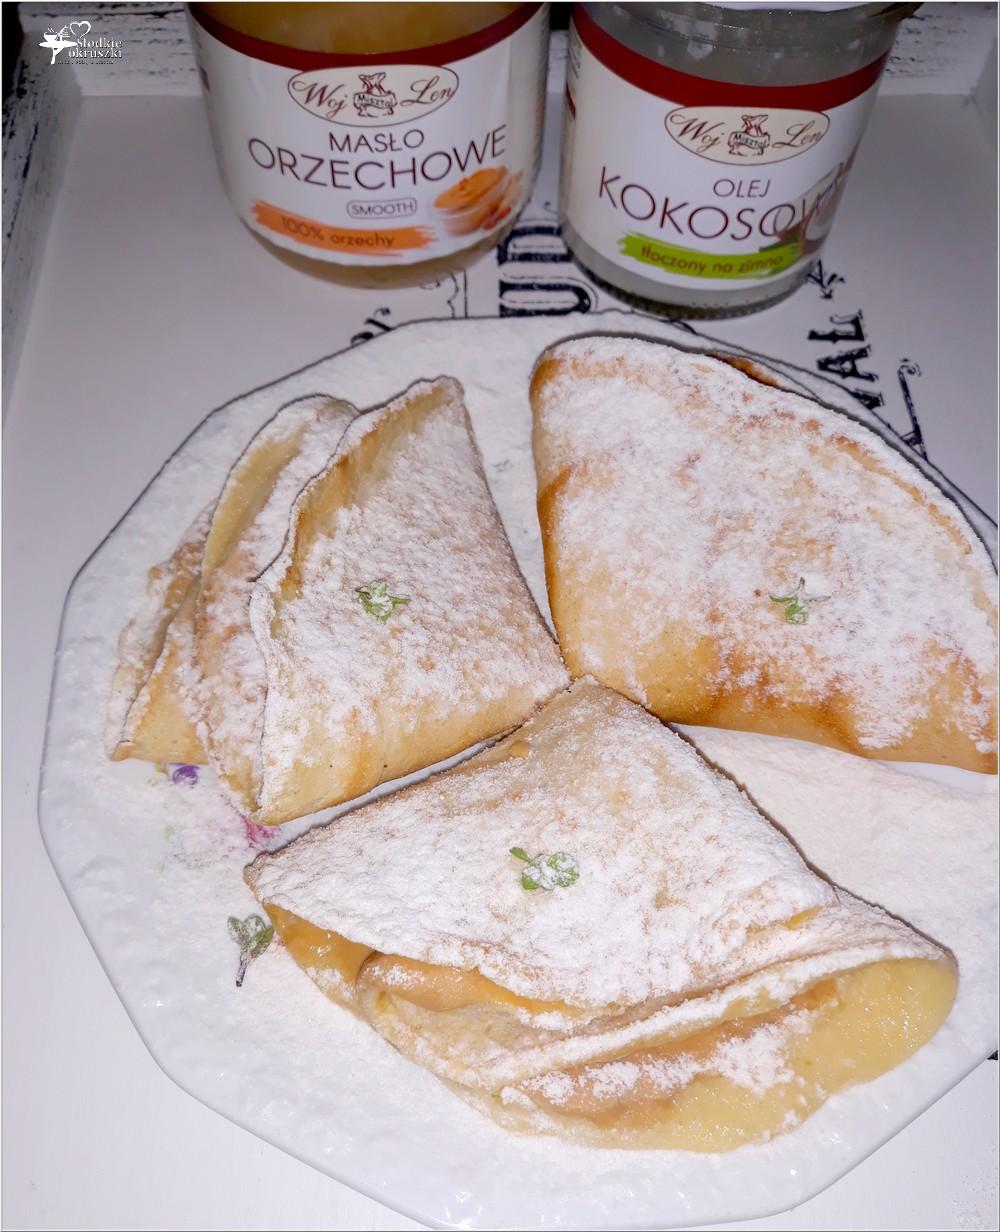 Naleśniki z masłem orzechowym (2)